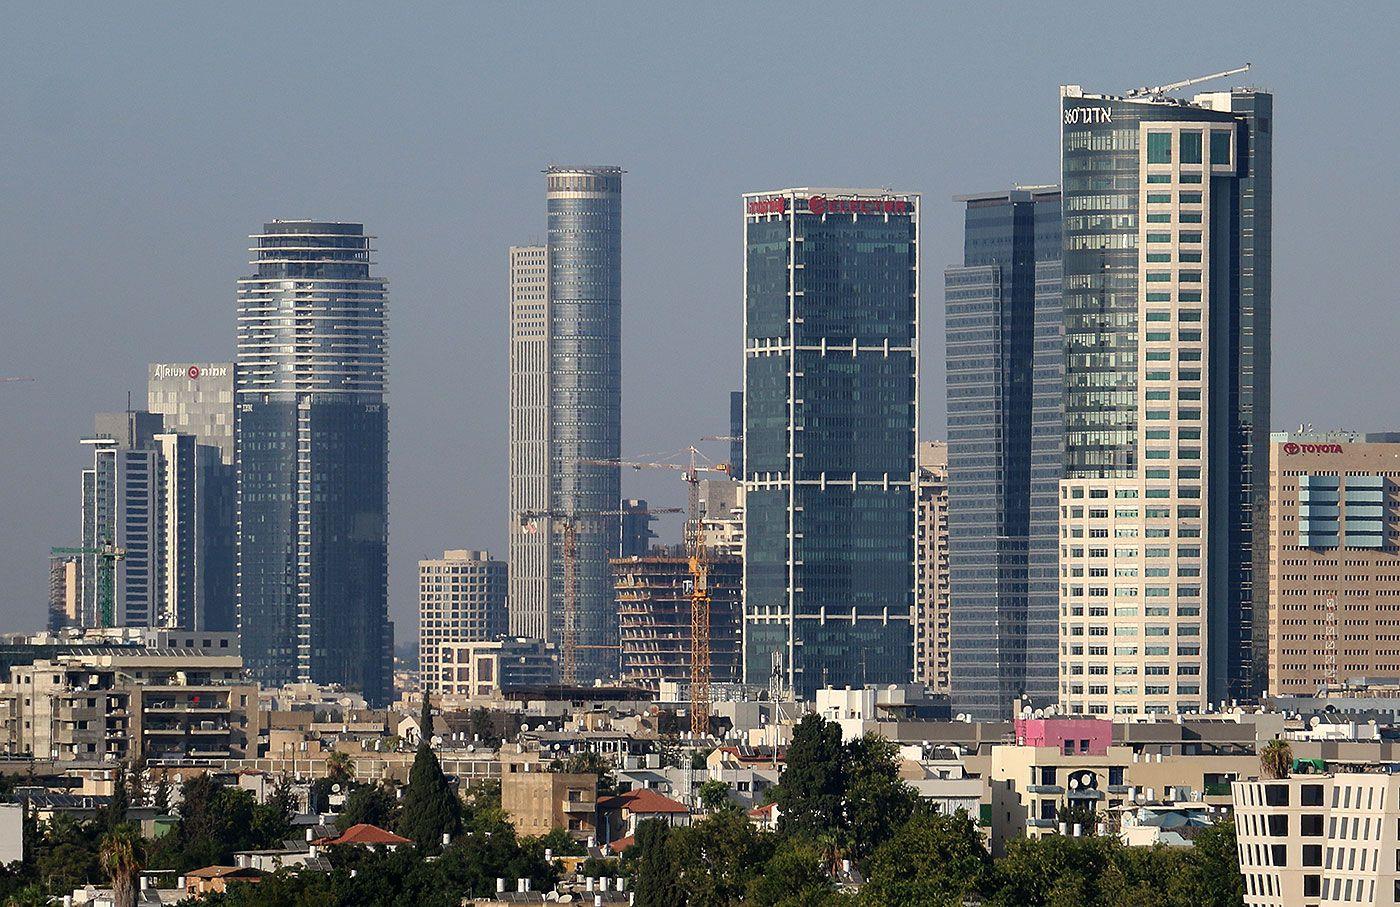 Skyscrapers Tall Towers New Buildings In Tel Aviv Israel